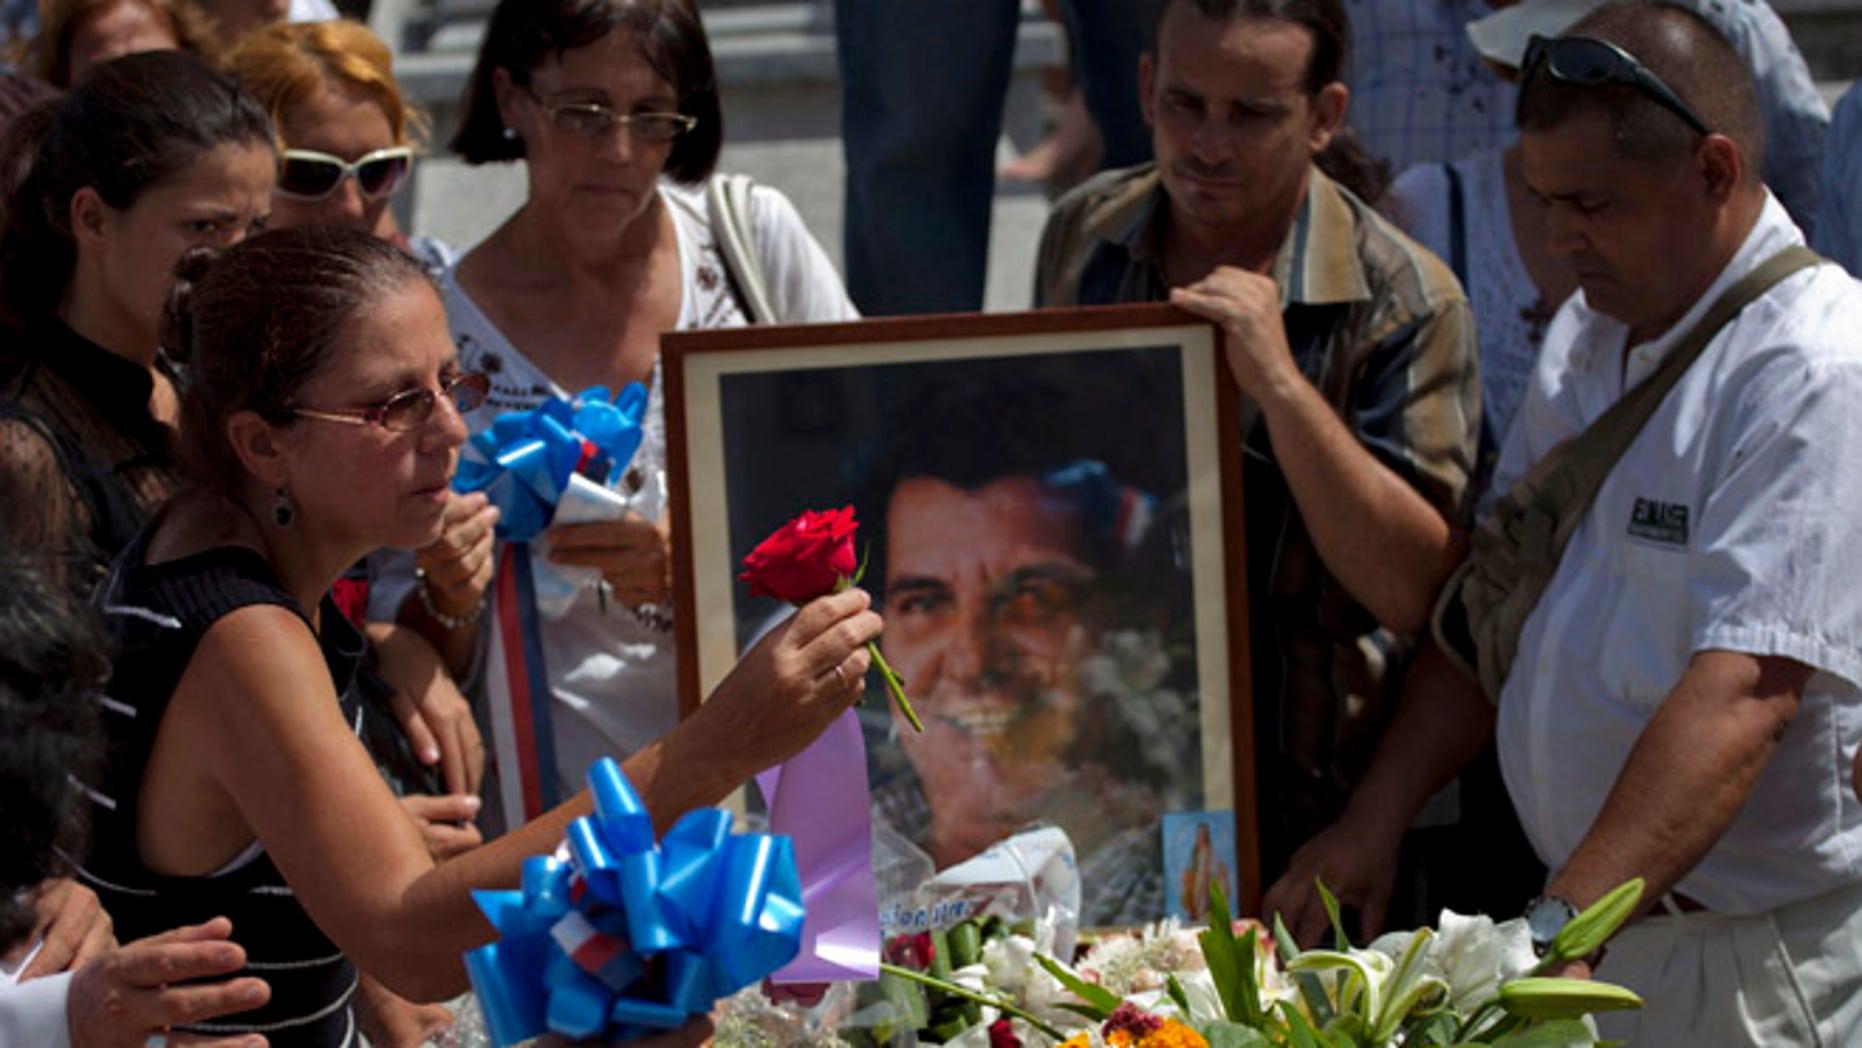 Ofelia Acevedo, viuda del difunto activista cubano Oswaldo Payá, coloca una flor sobre el ataúd durante el entierro en La Habana, martes 24 de julio de 2012. Payá, de 60 años, ganó fama internacional como promotor del Proyecto Varela, una campaña de firmas hace 10 años para pedir a las autoridades las libertades de expresión y reunión, entre otras. Fue considerada la iniciativa no violenta más grande para lograr cambios en el sistema cubano. Payá murió el 22 de julio de 2012 en un accidente automovilístico.  (AP Foto/Ramón Espinosa)